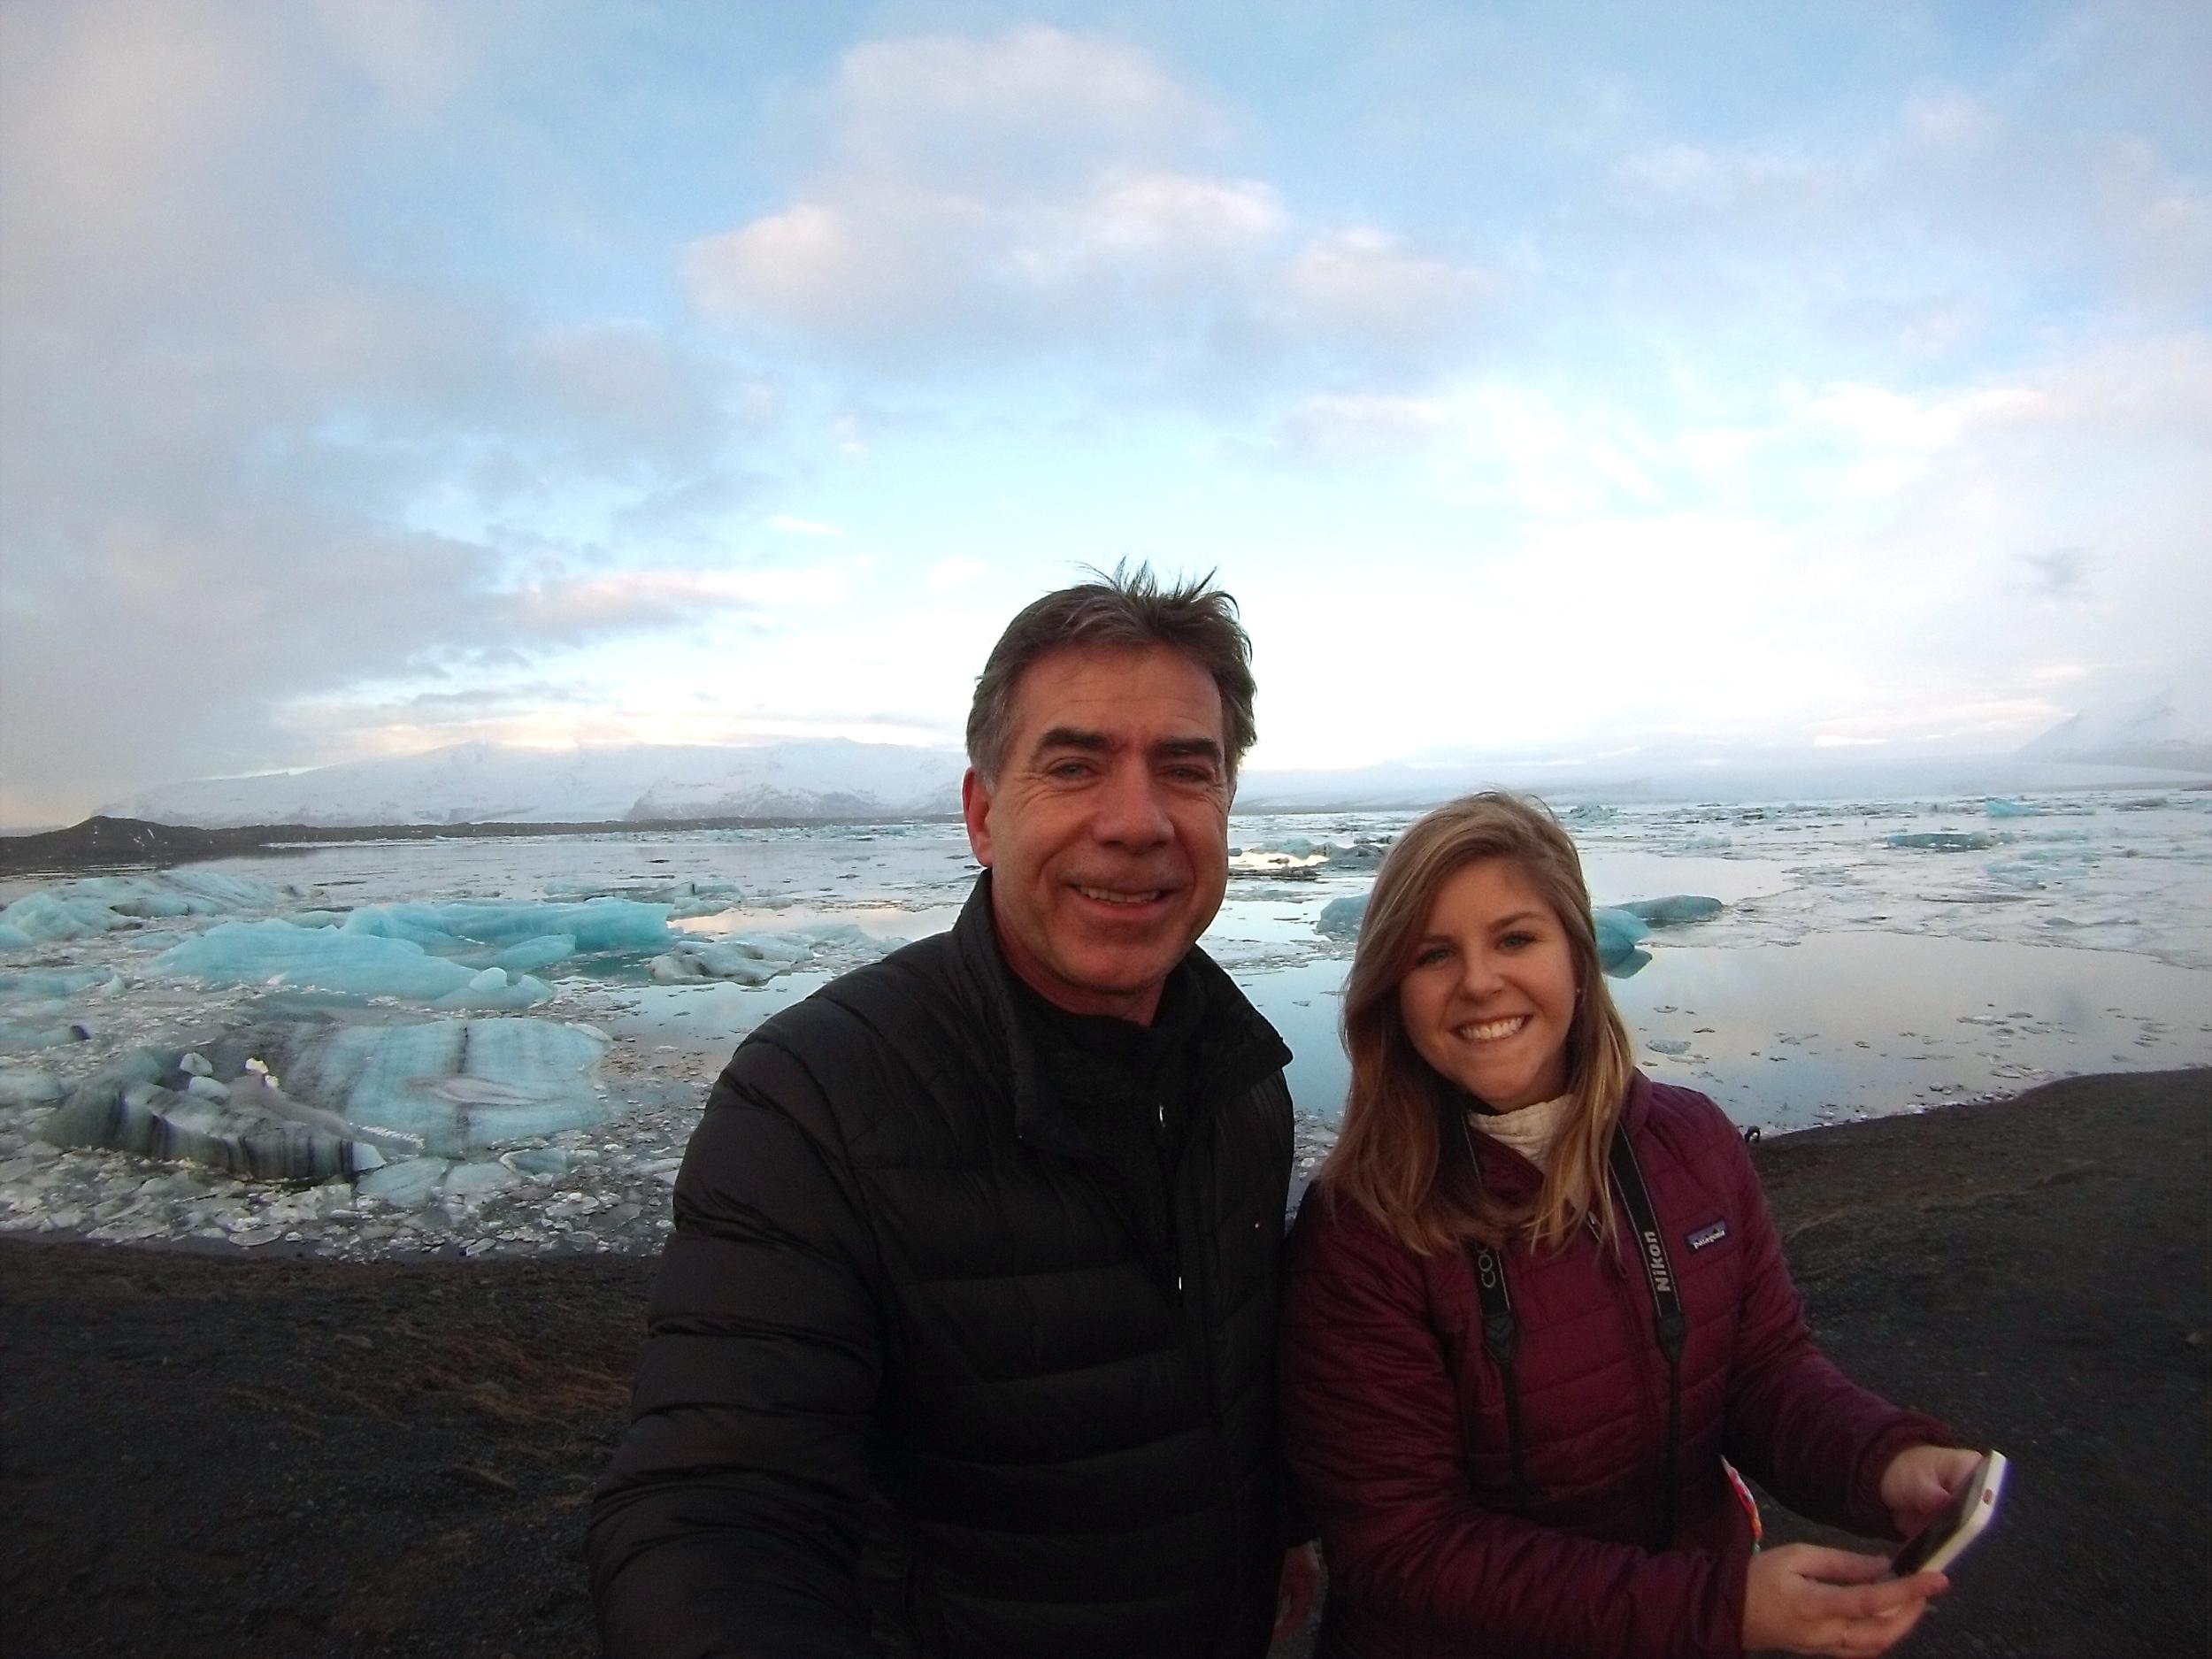 ilovethistoday-jökulsárlón-glacierlagoon-siggi